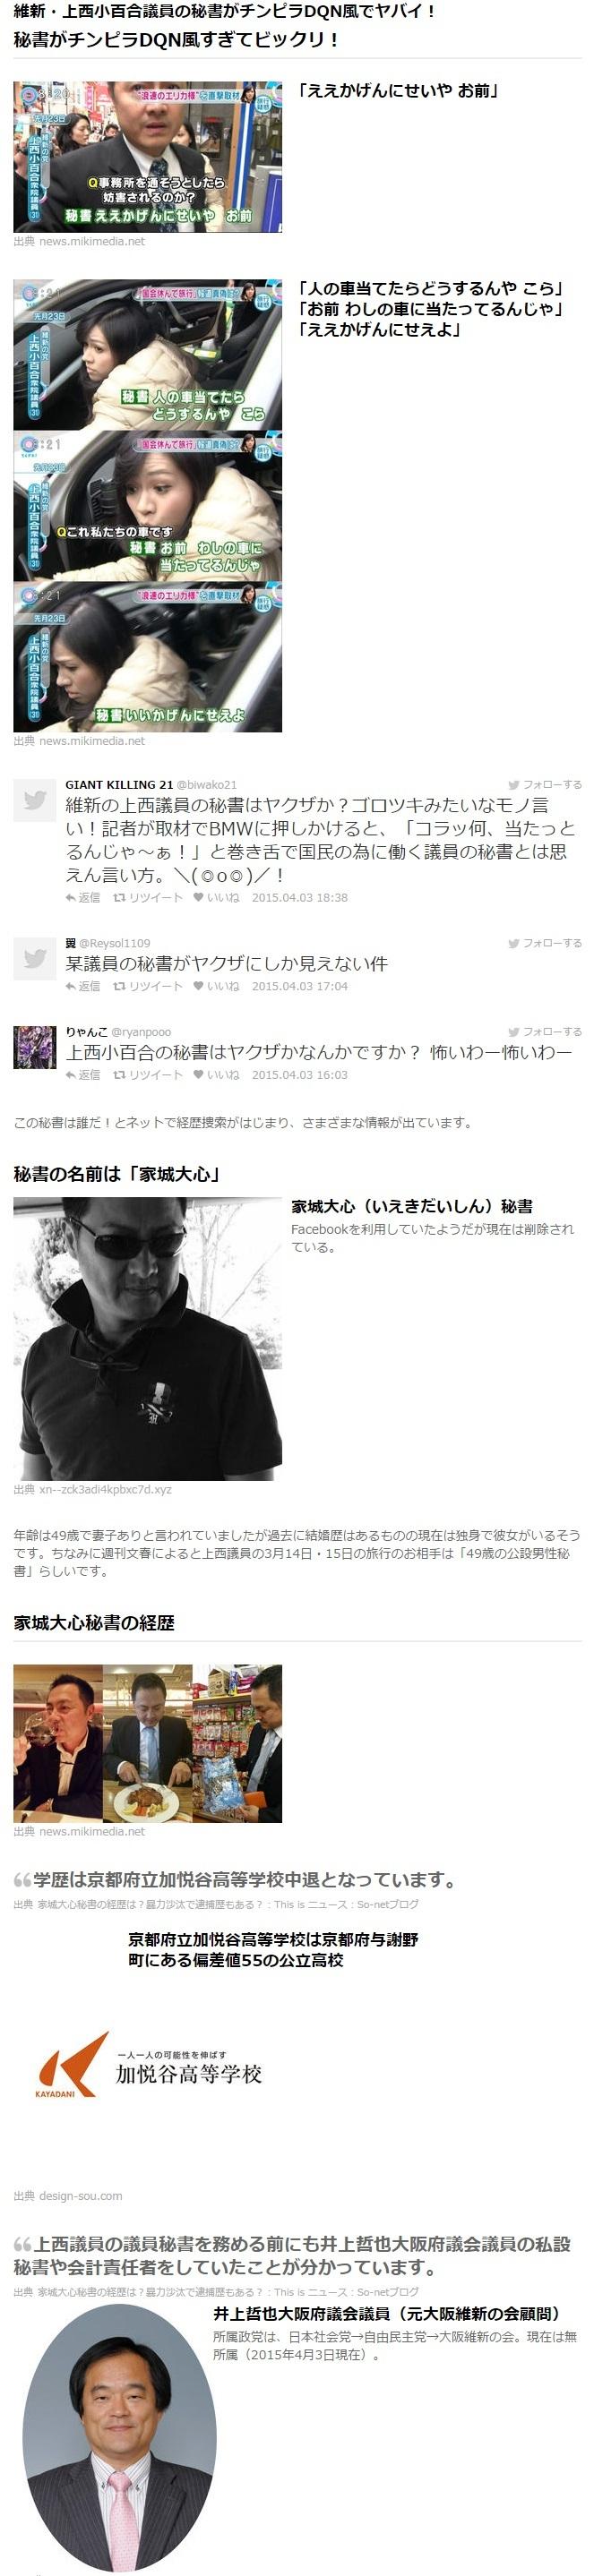 上西議員のチンピラDQN風秘書に逮捕歴!1